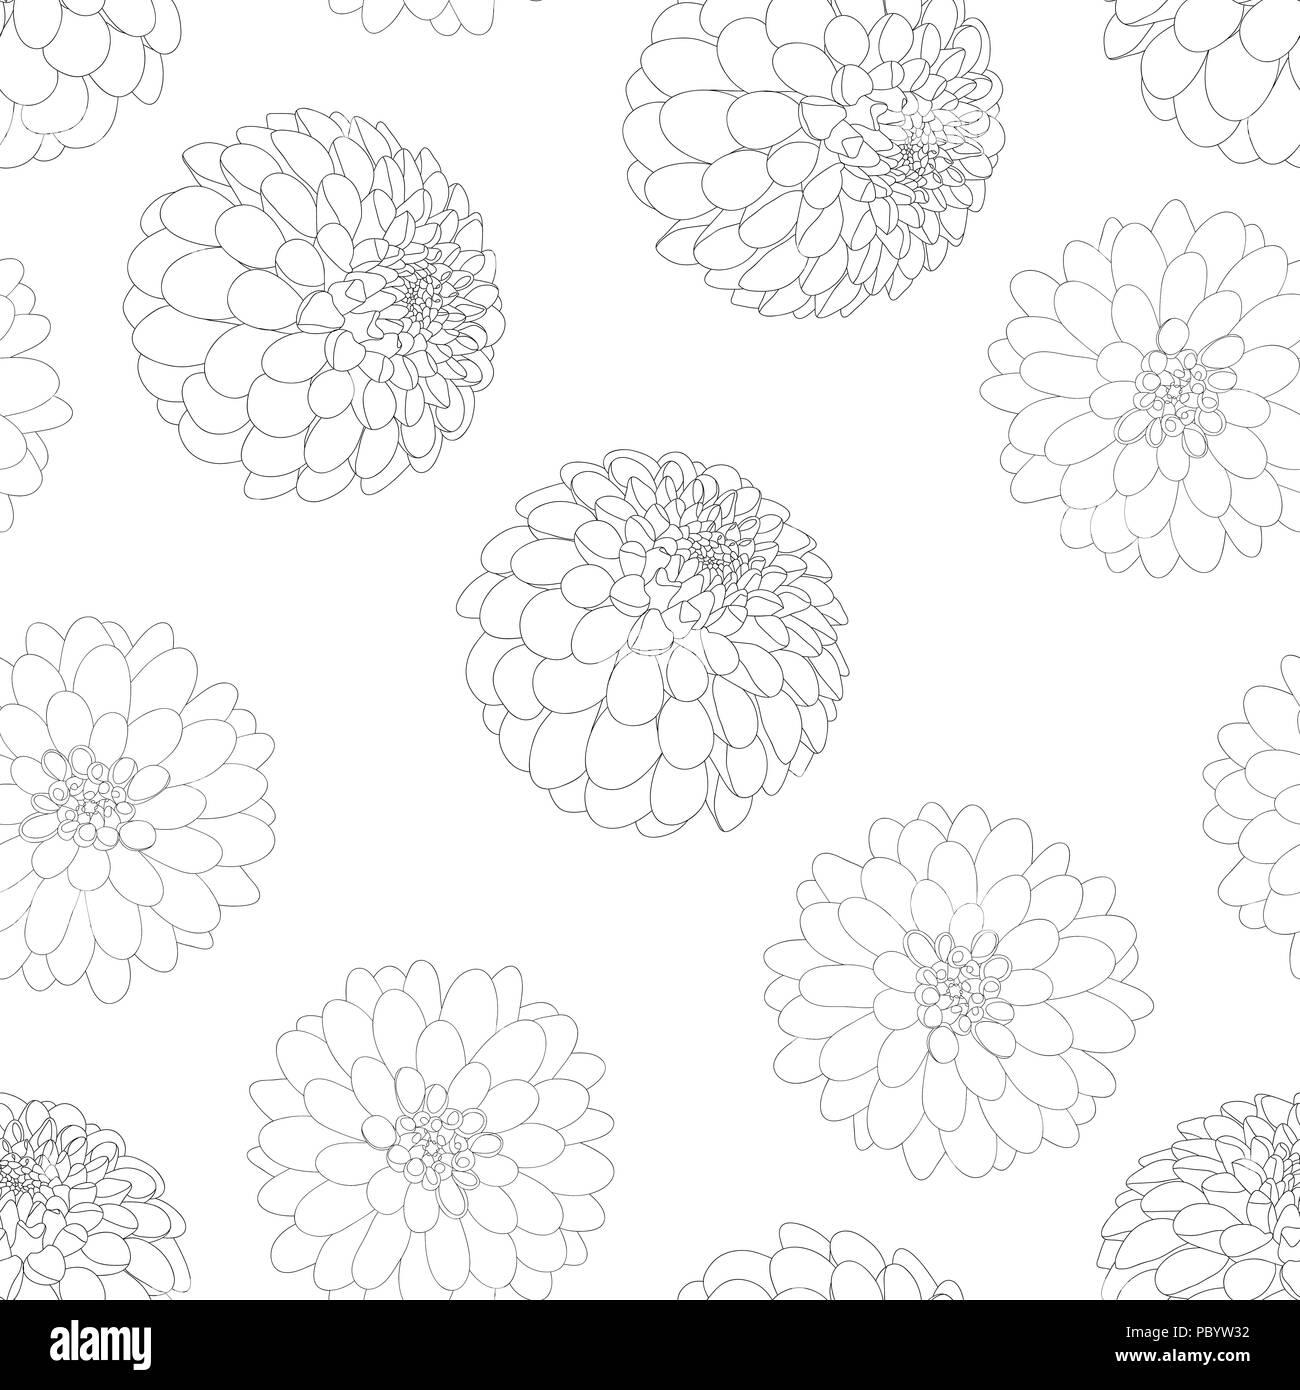 Dahlia Flower Outline White Background. Mexico\u0027s national